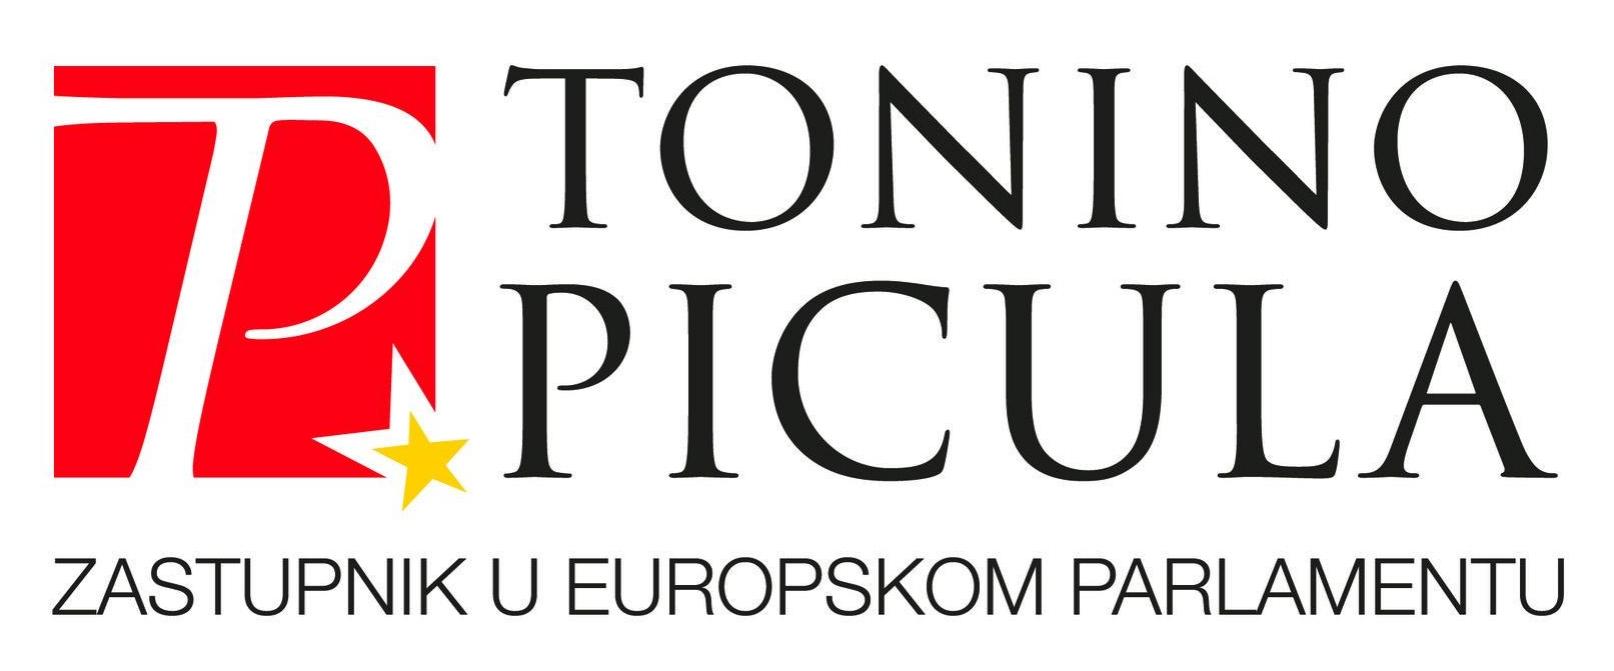 Tonino_Picula-logo-01.jpg